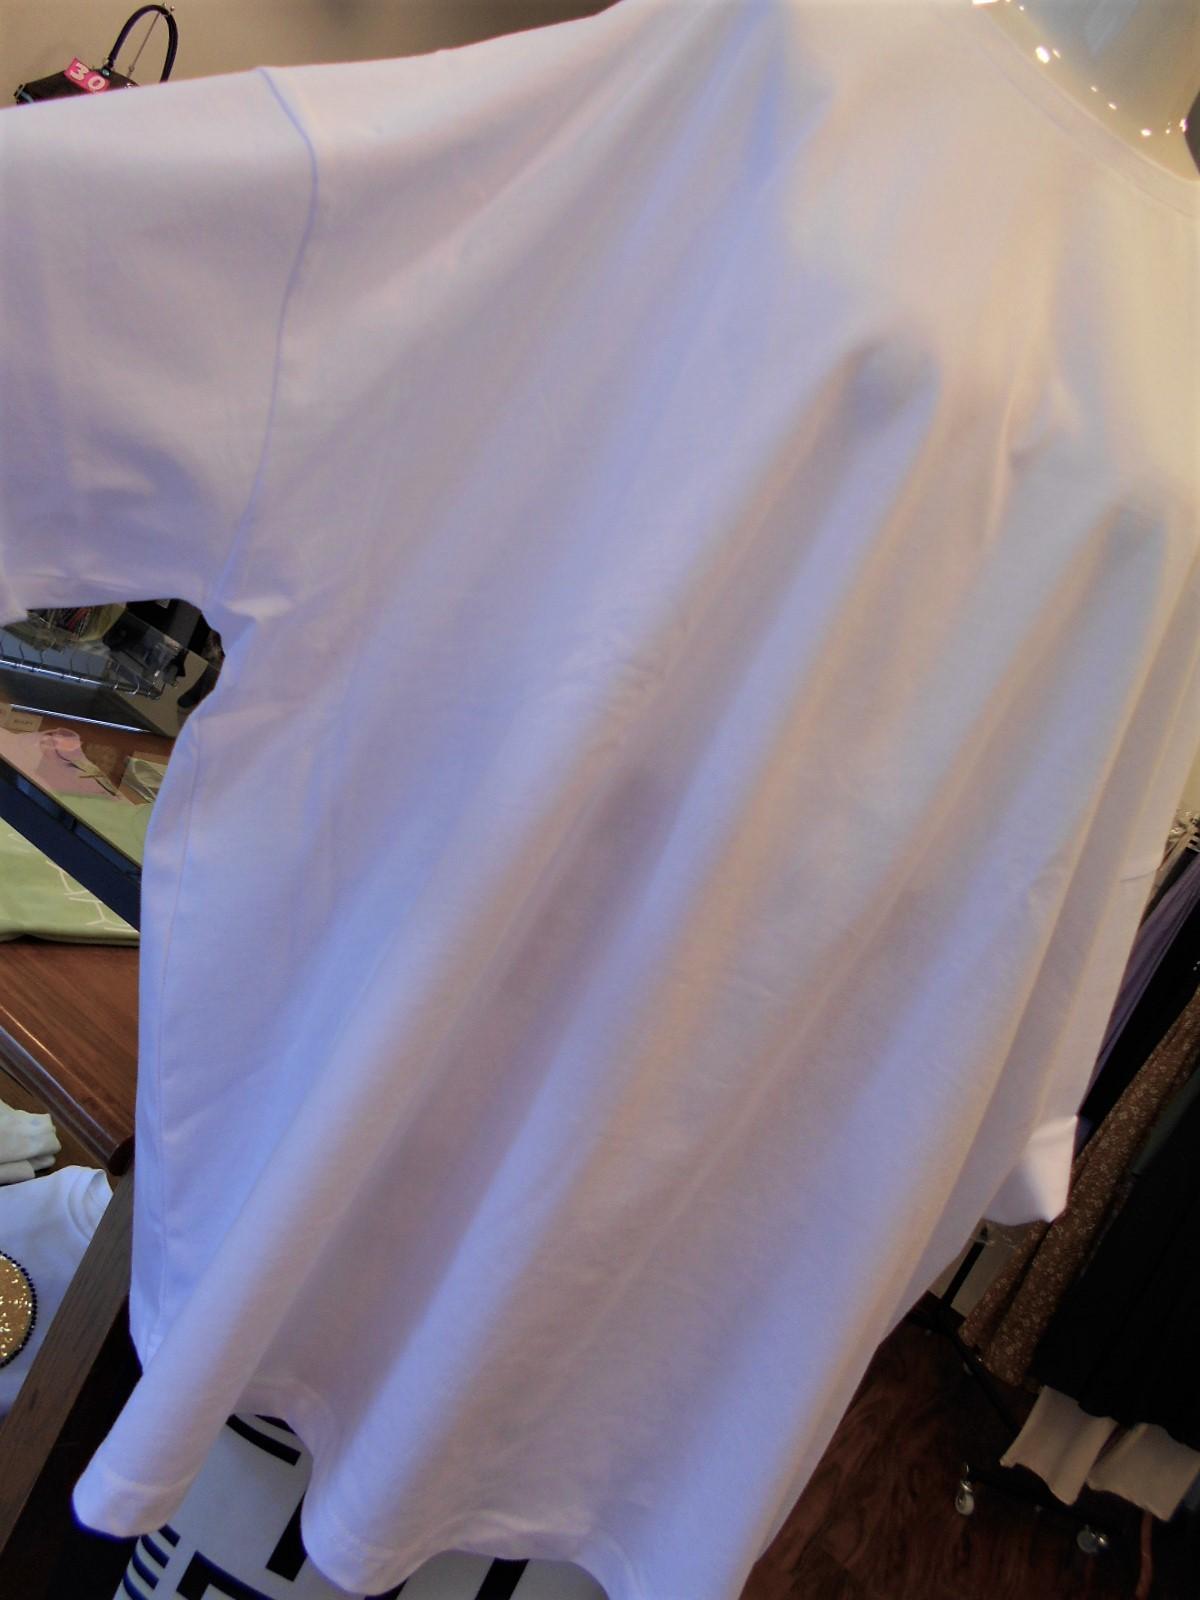 オーバーサイズのTシャツを着てみる・・・・☆_c0113499_16054721.jpg